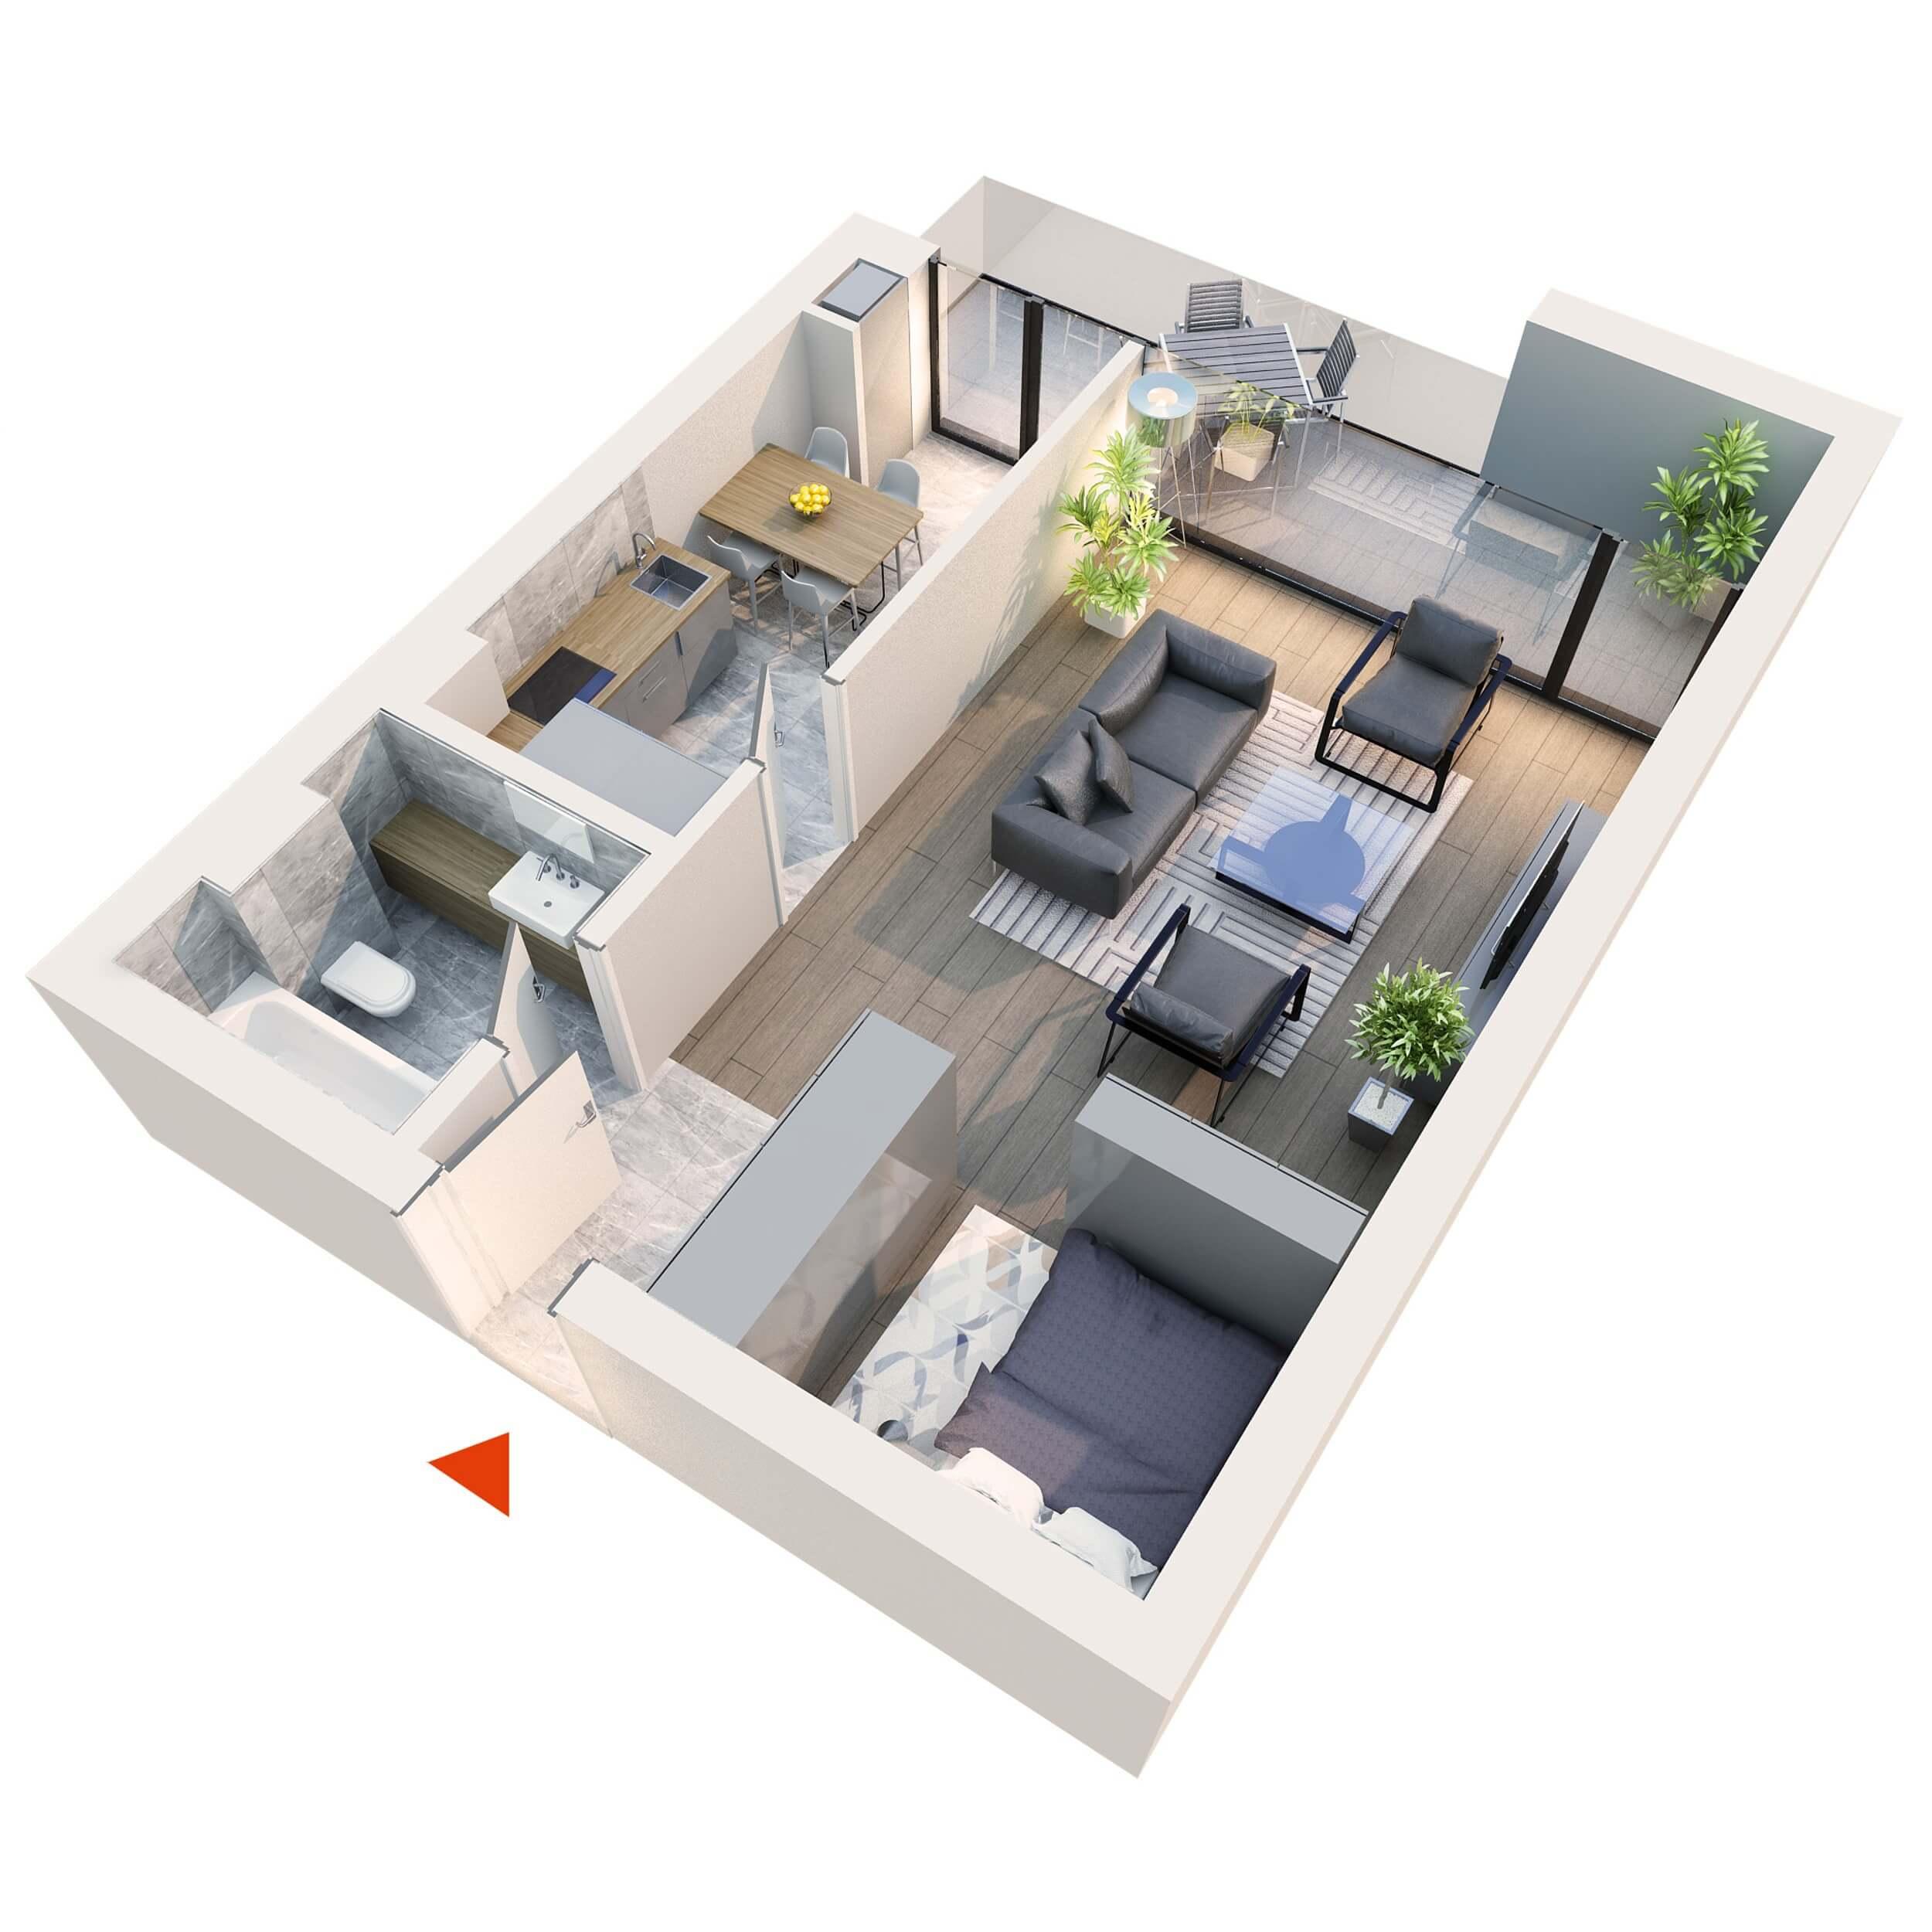 Apartament Garsoniera Studio tip 1F1 | Balcon | Etaj 1 – 5 | Corp C7 C8 | Faza 2